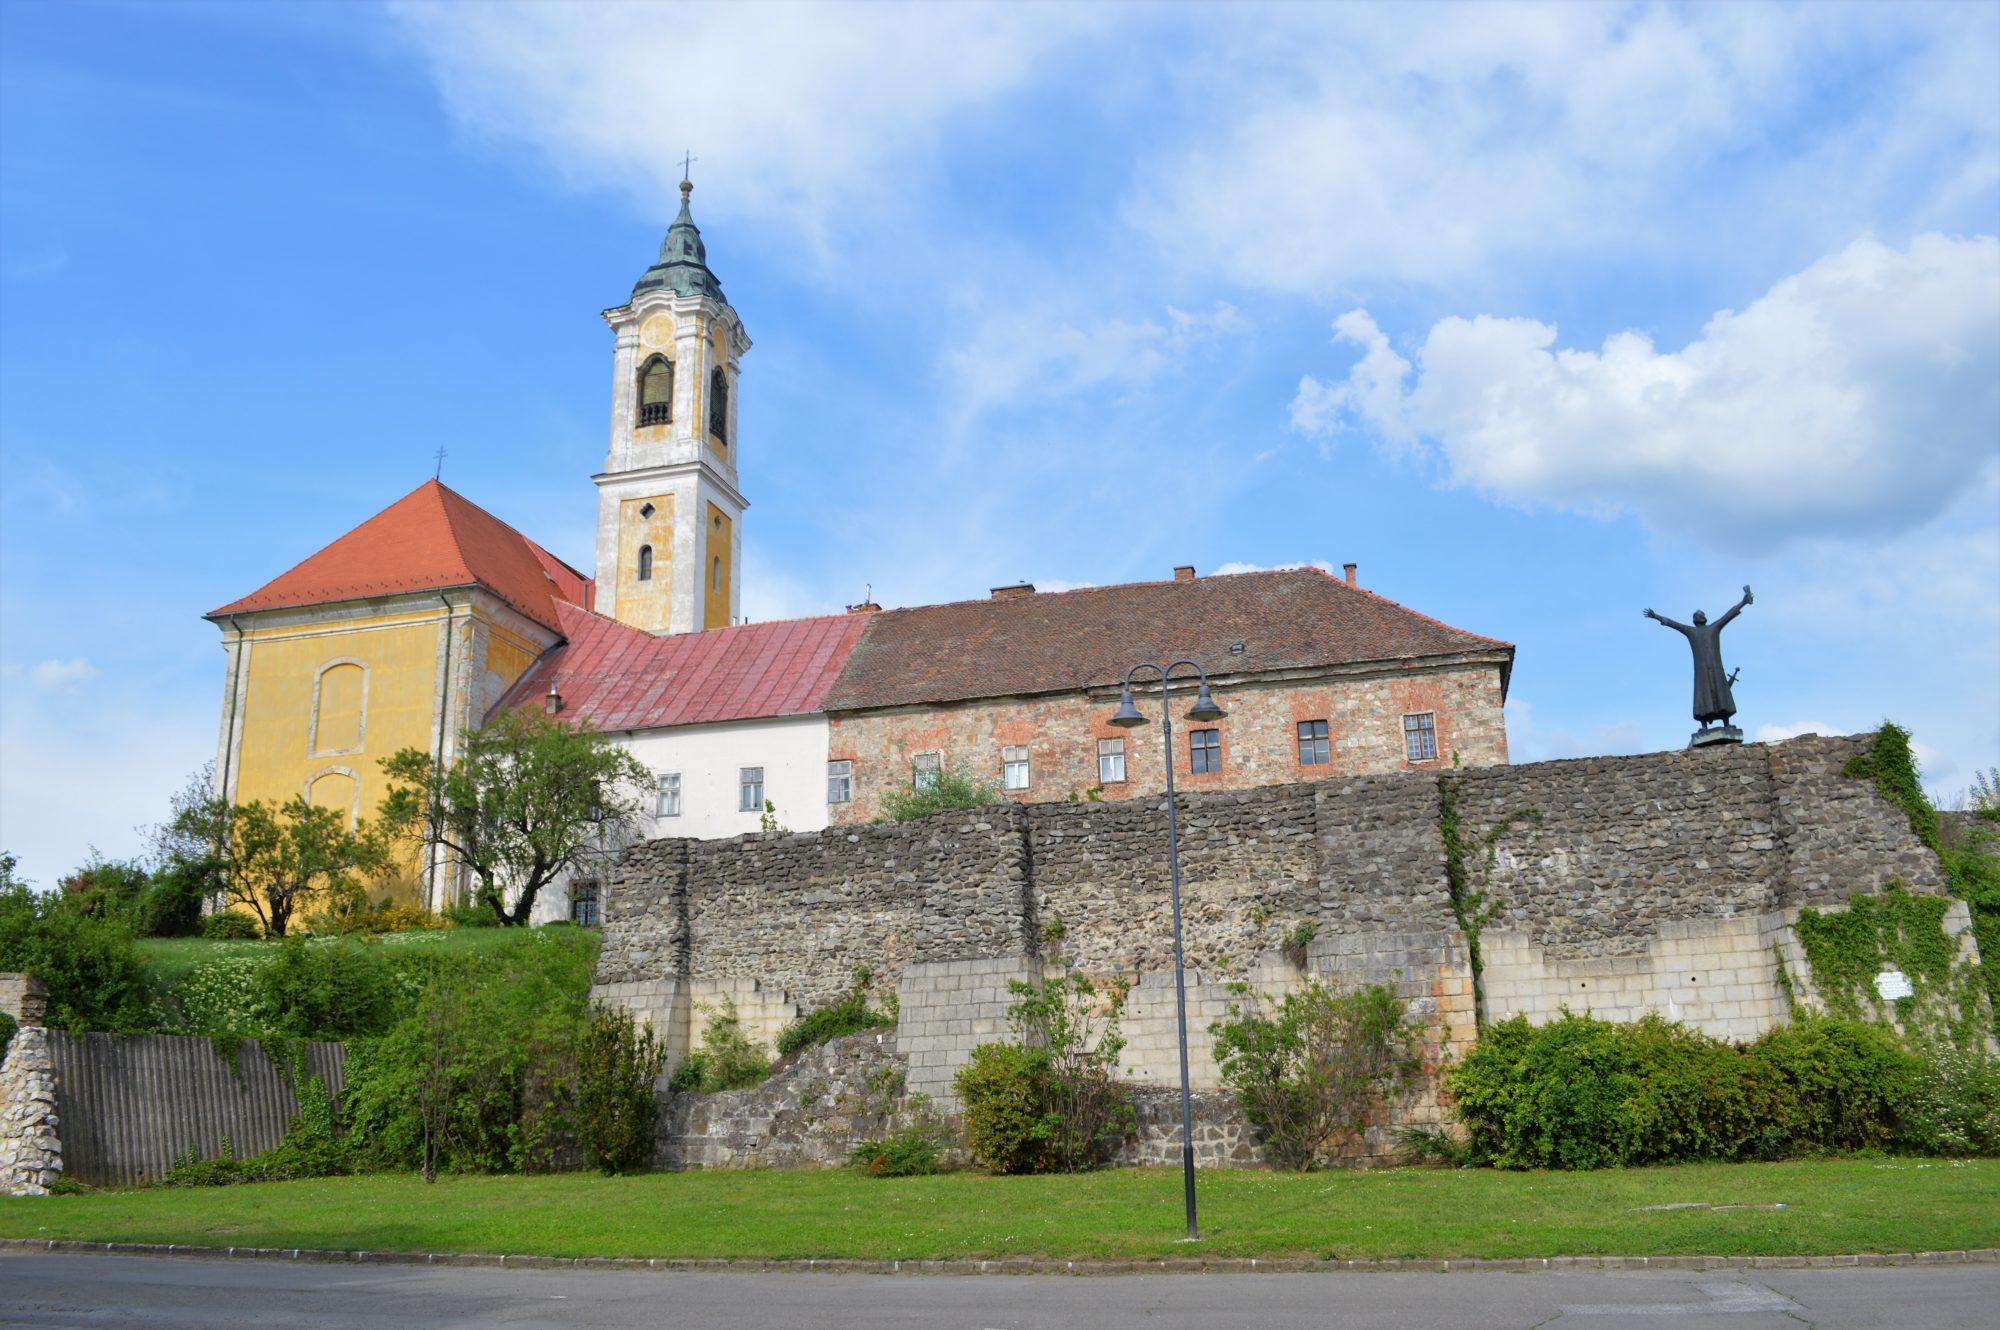 vac-castle